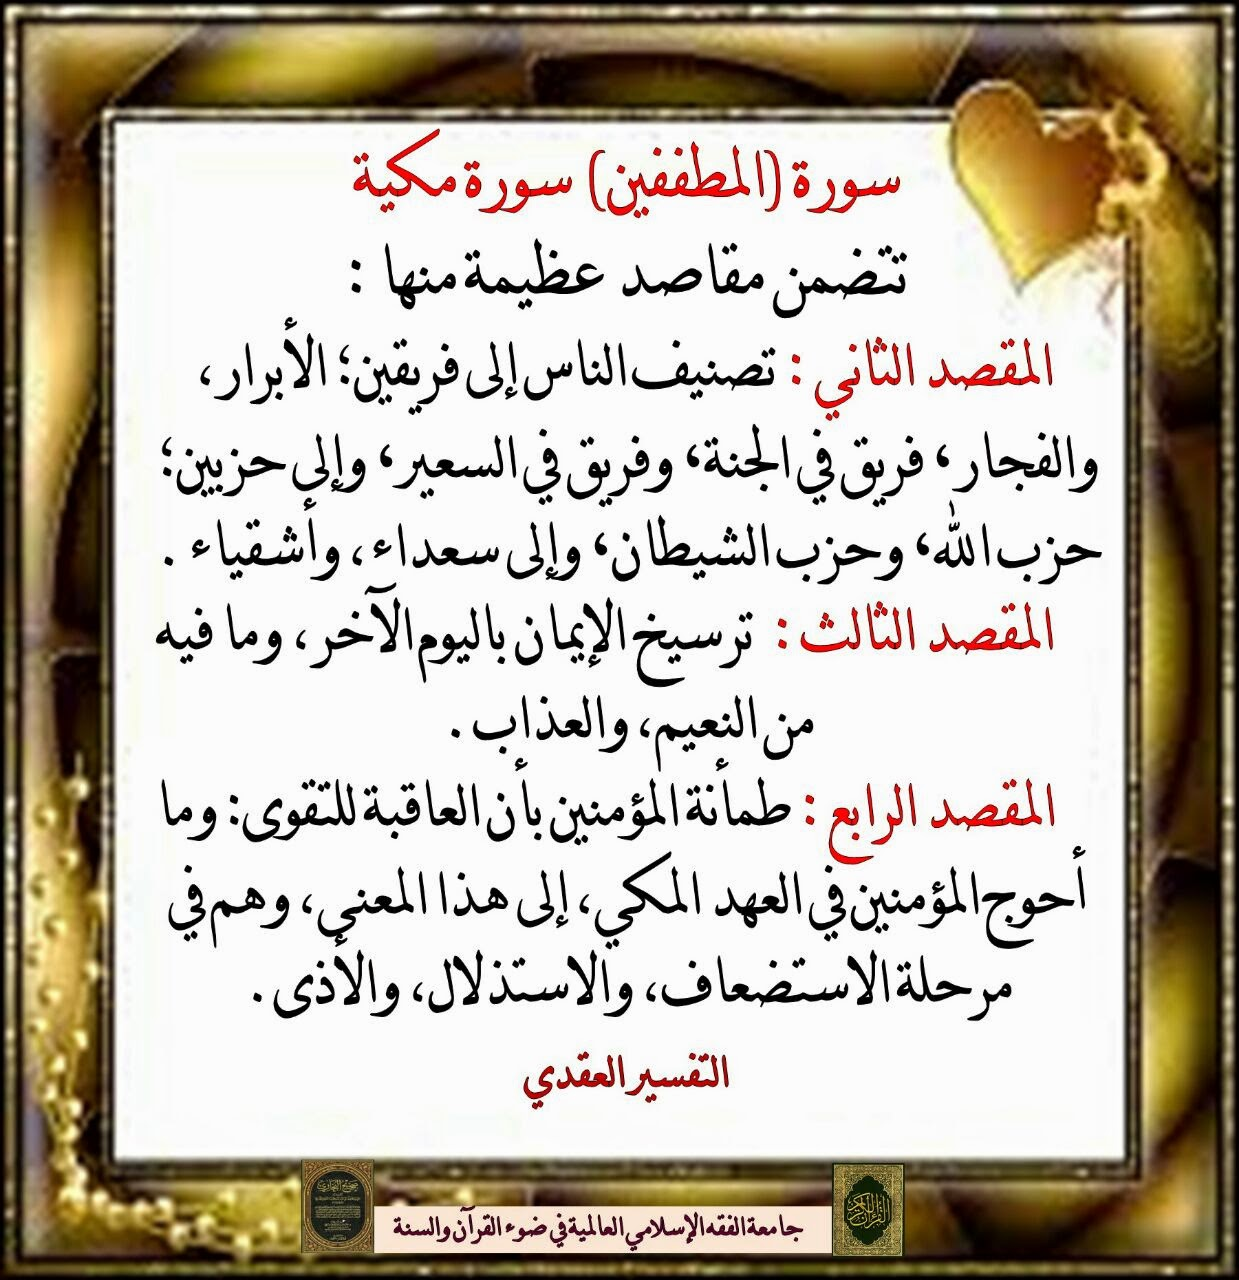 فقه أركان الإيمان في القرآن الكريم سورة المطففين